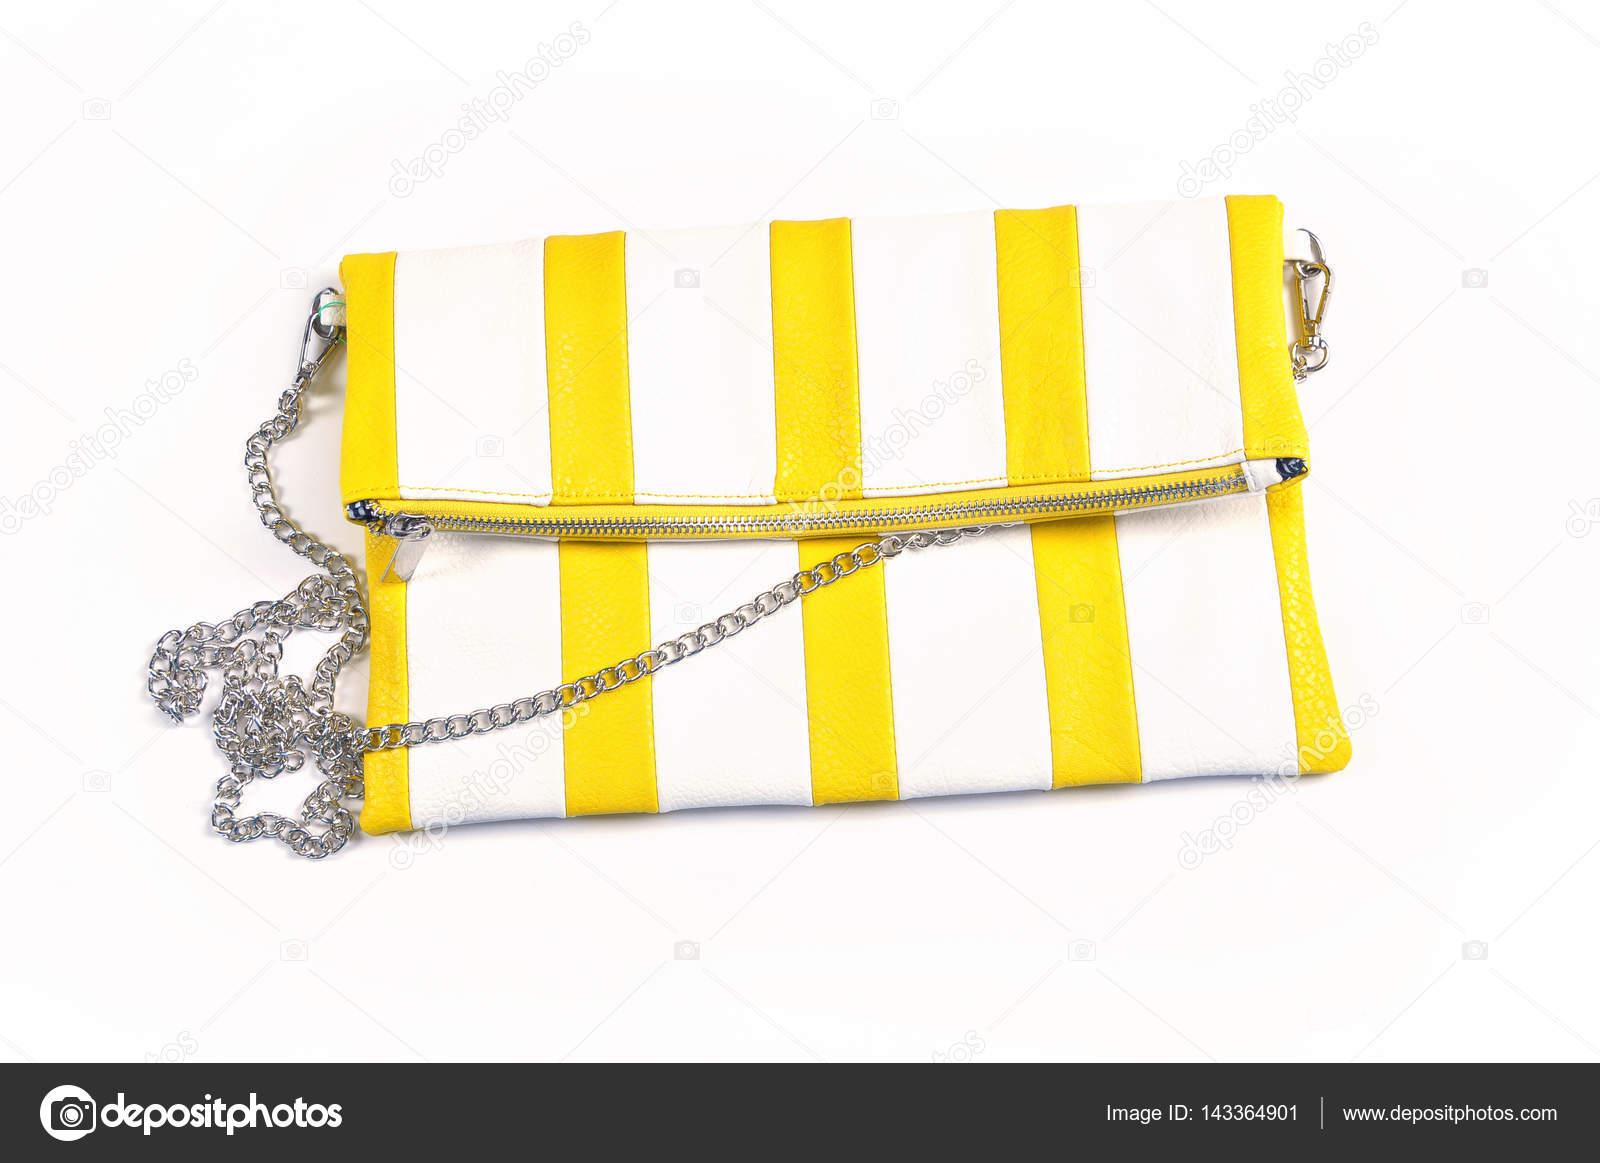 03cabdeac A bolsa pouco listrada. moda couro uma embreagem de bolsa saco em fundo  branco isolado– imagens de bancos de imagens